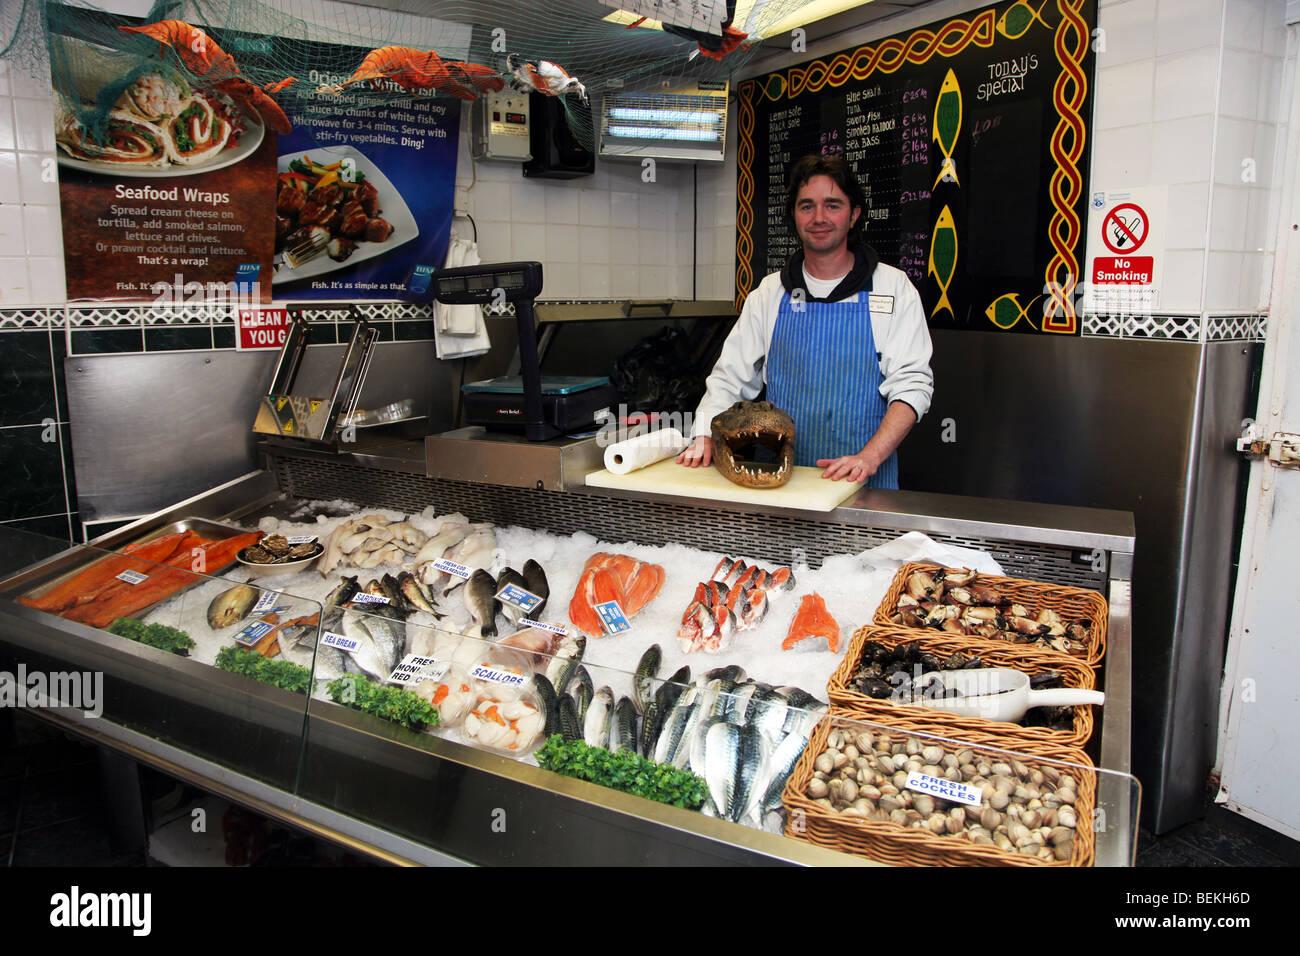 Paul Meenaghan, fishmonger, Ballina, Co. Mayo Ireland - Stock Image